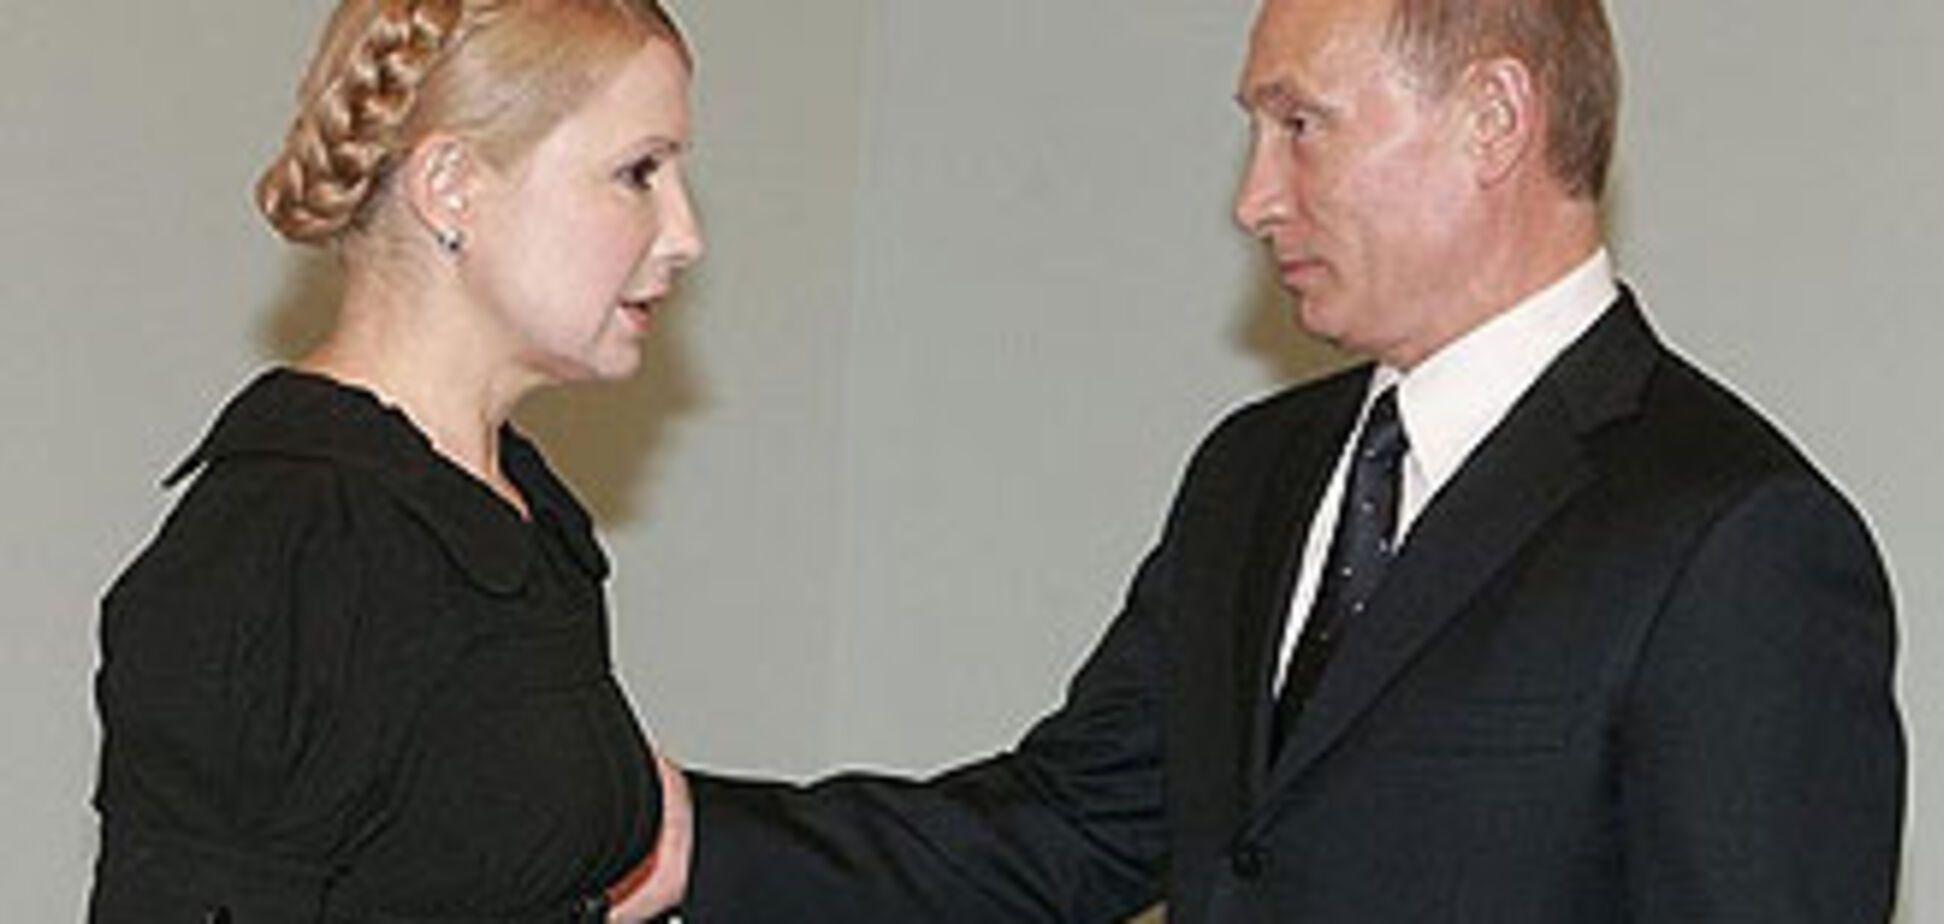 Янукович звинуватив Тимошенко в' підлабузництві' перед Путіним